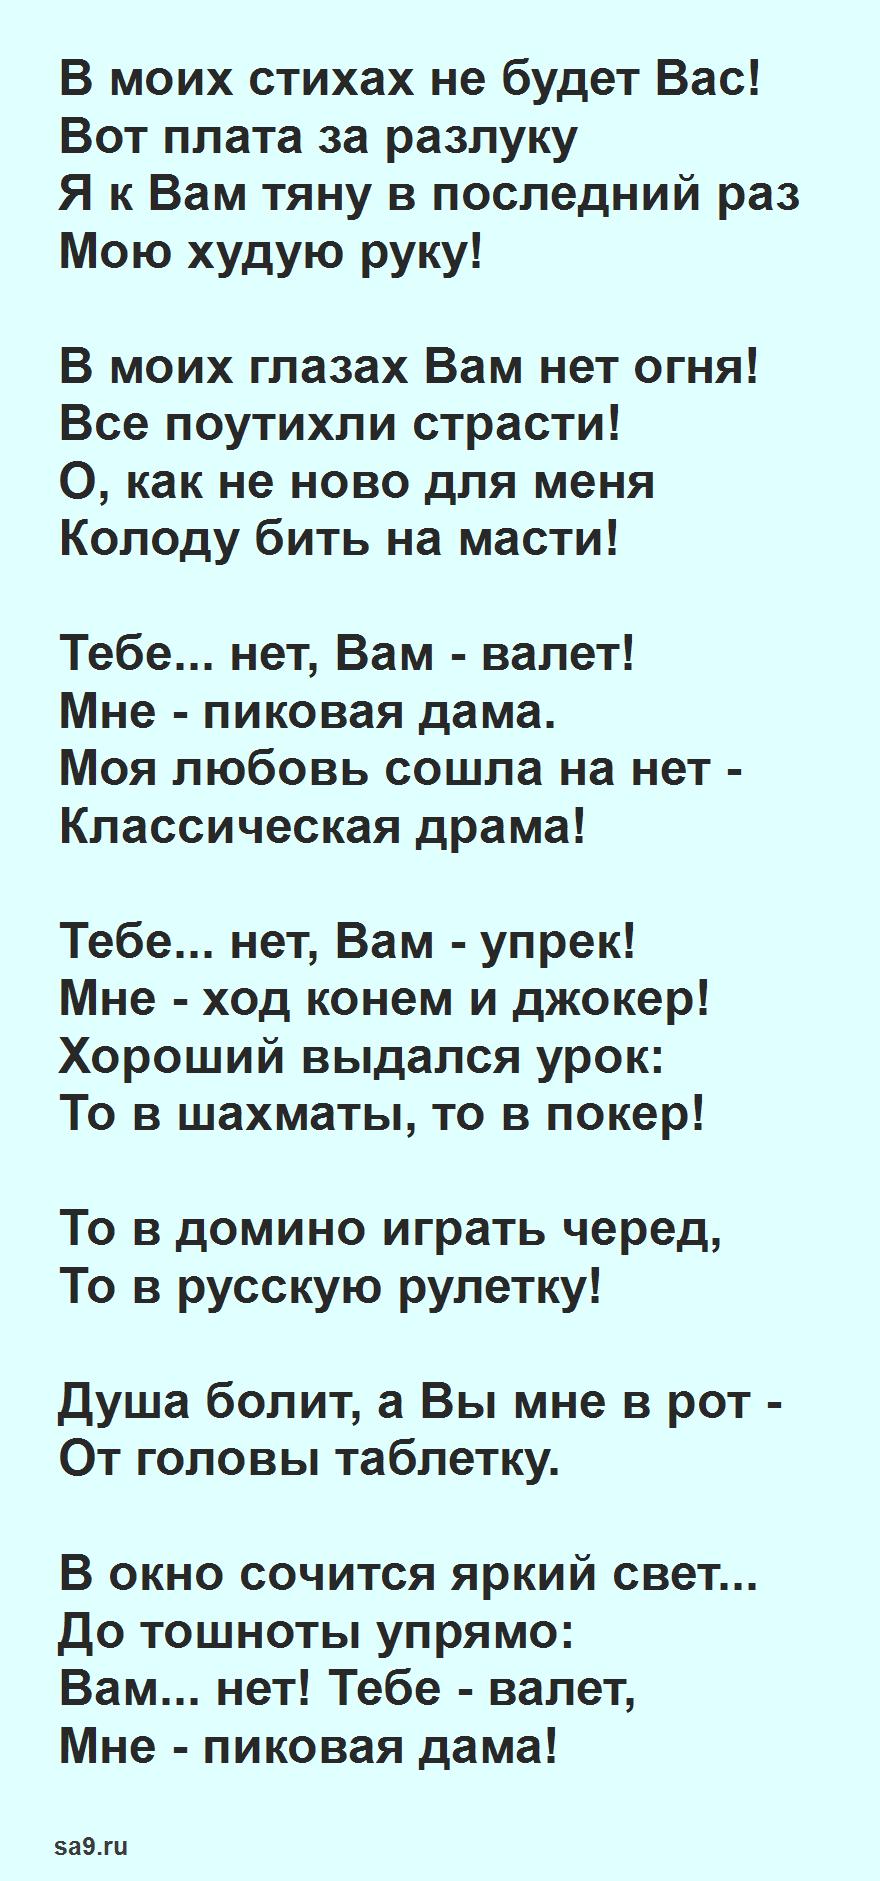 Астахова стихи - В моих стенах не будет Вас